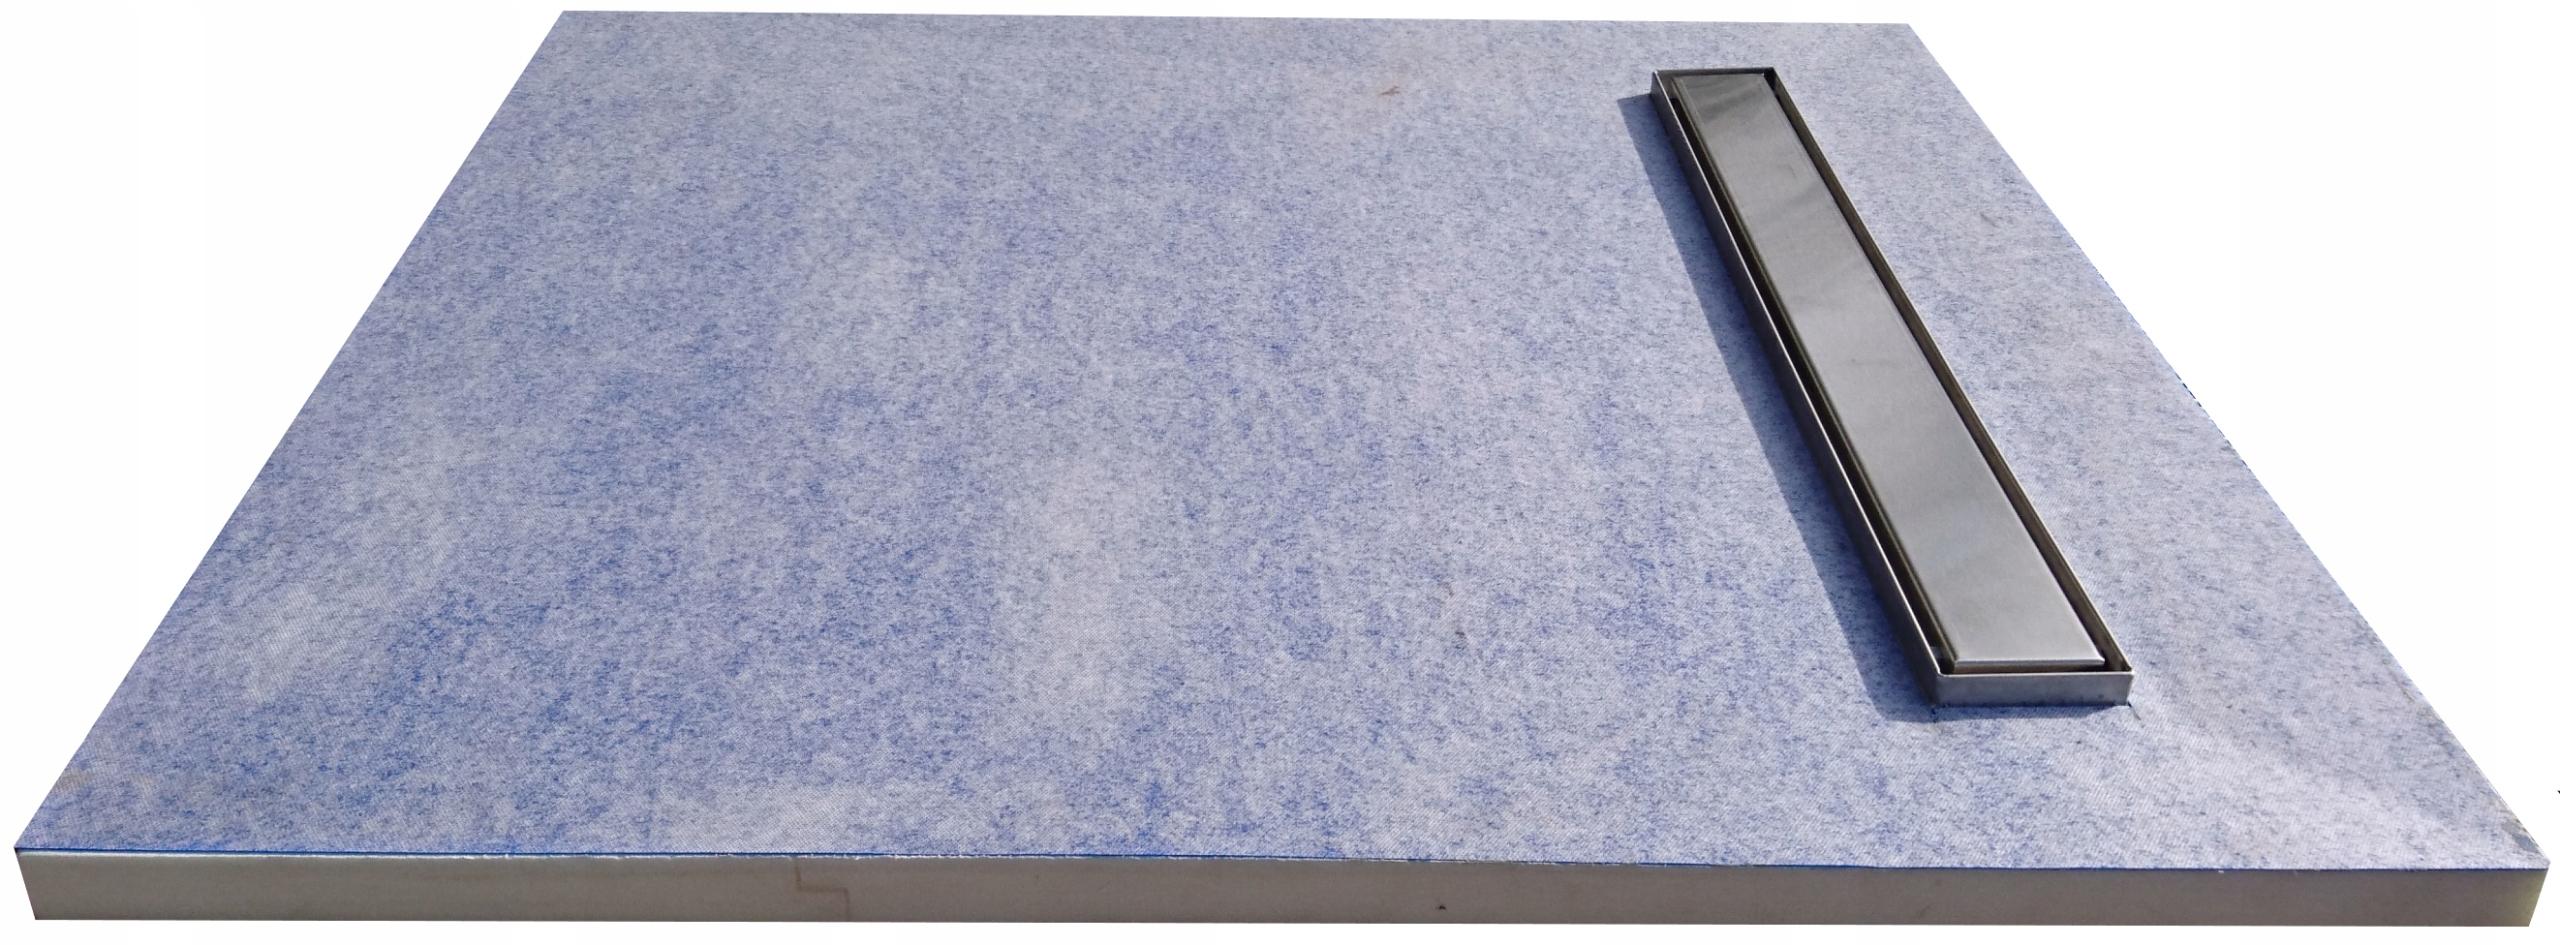 Sprchová vanička pod dlaždice S4 110x120 lineárny odtok 50